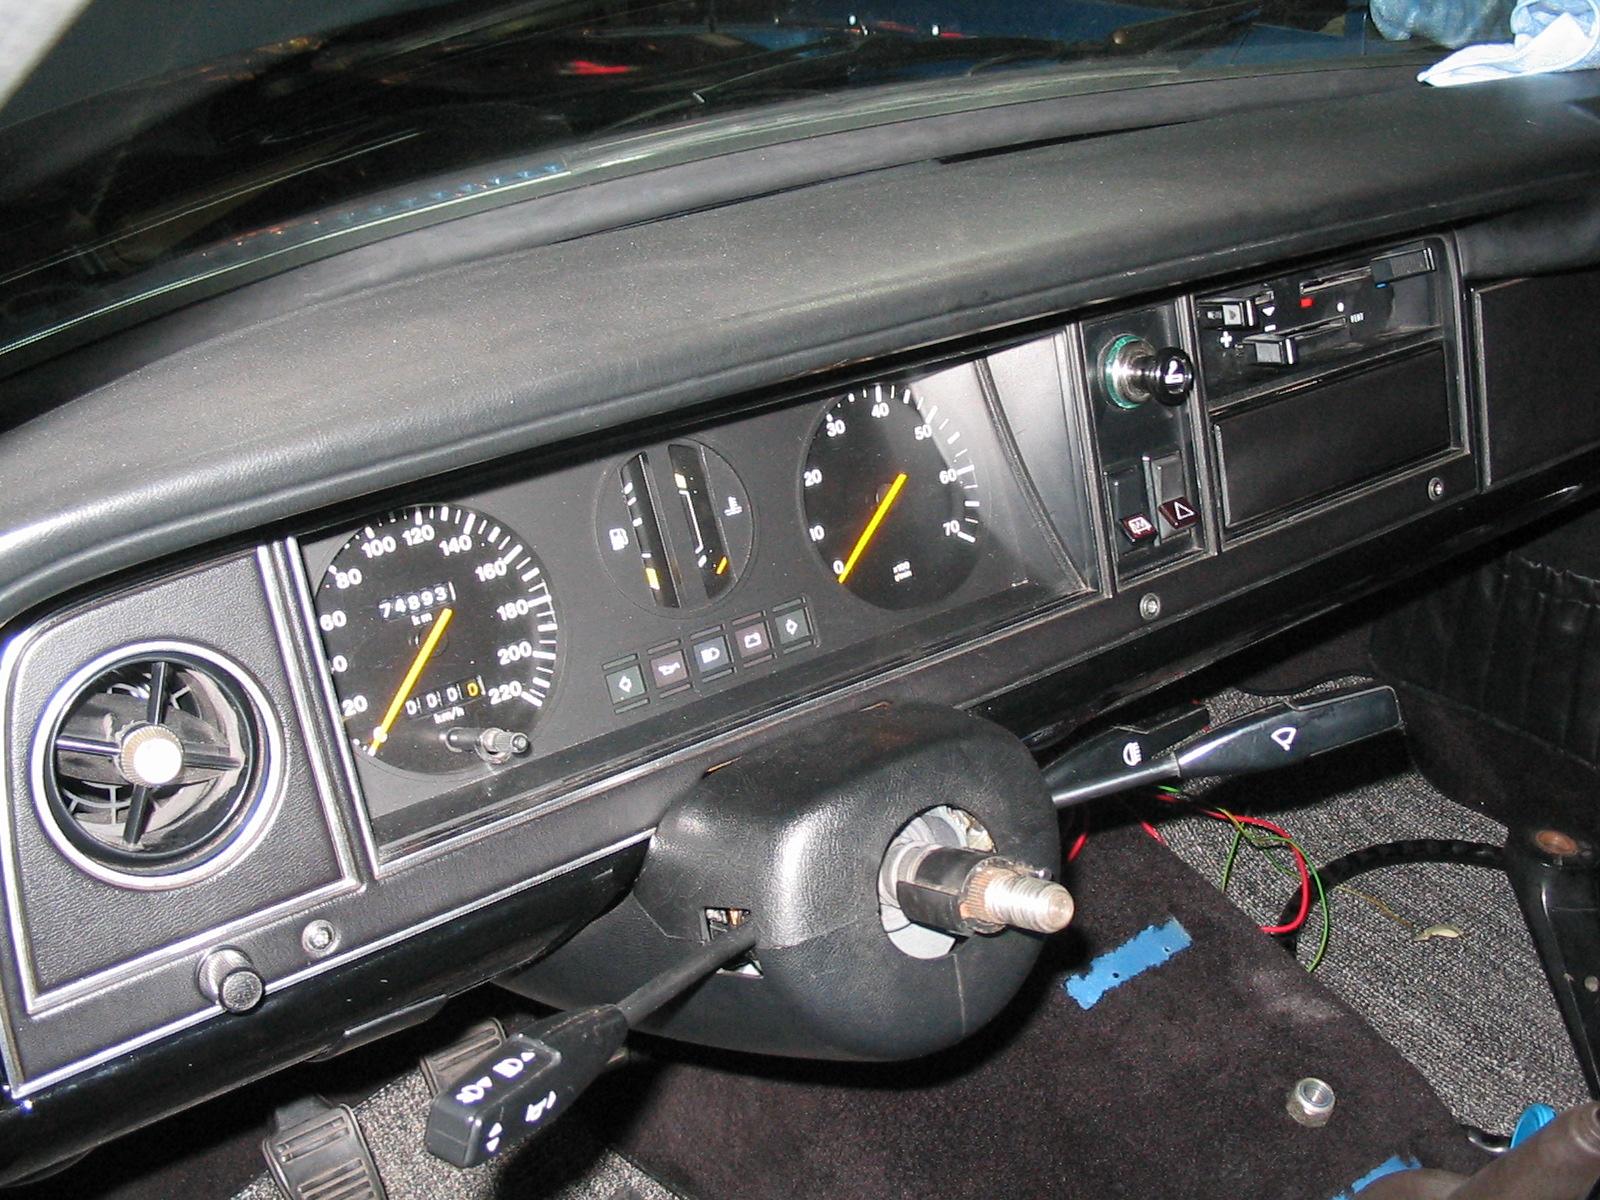 bilder-auto-2095